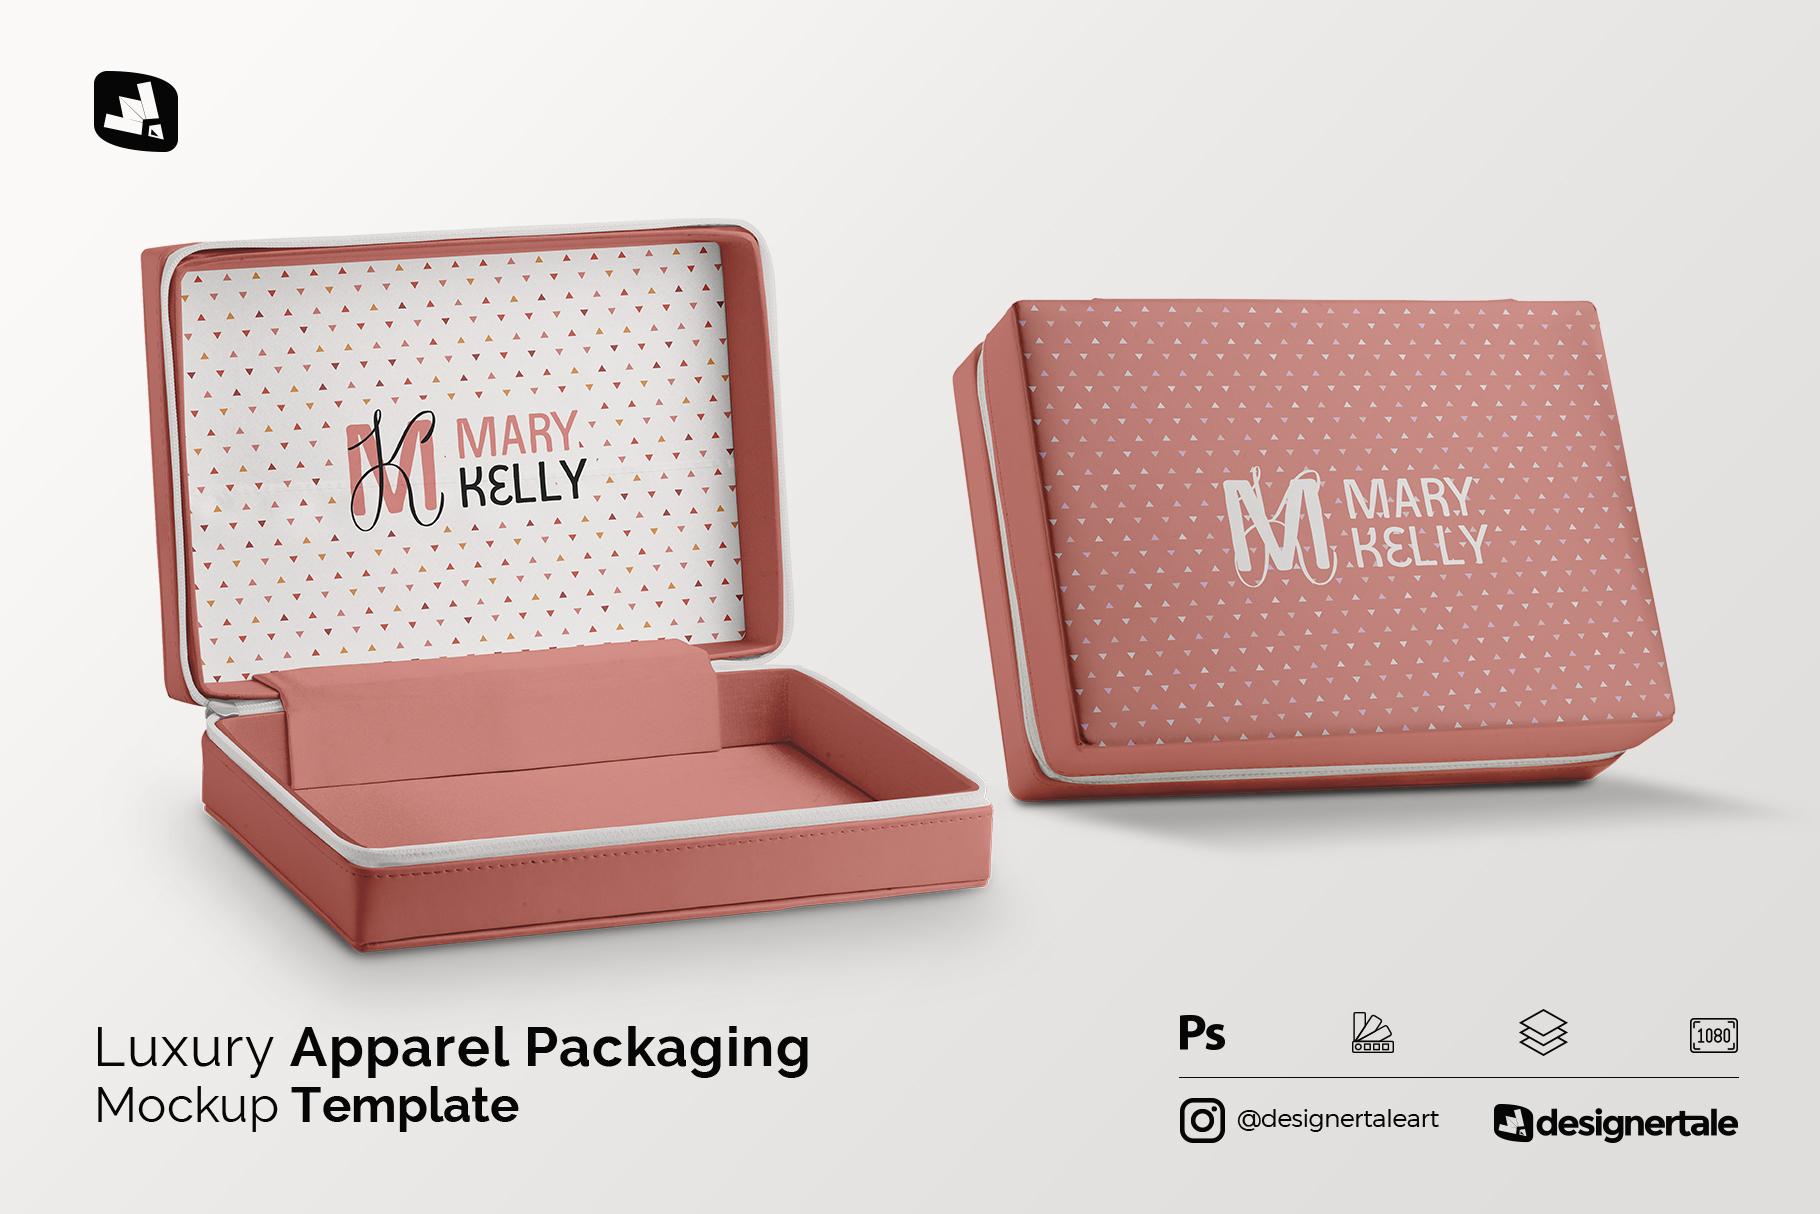 luxury apparel packaging mockup